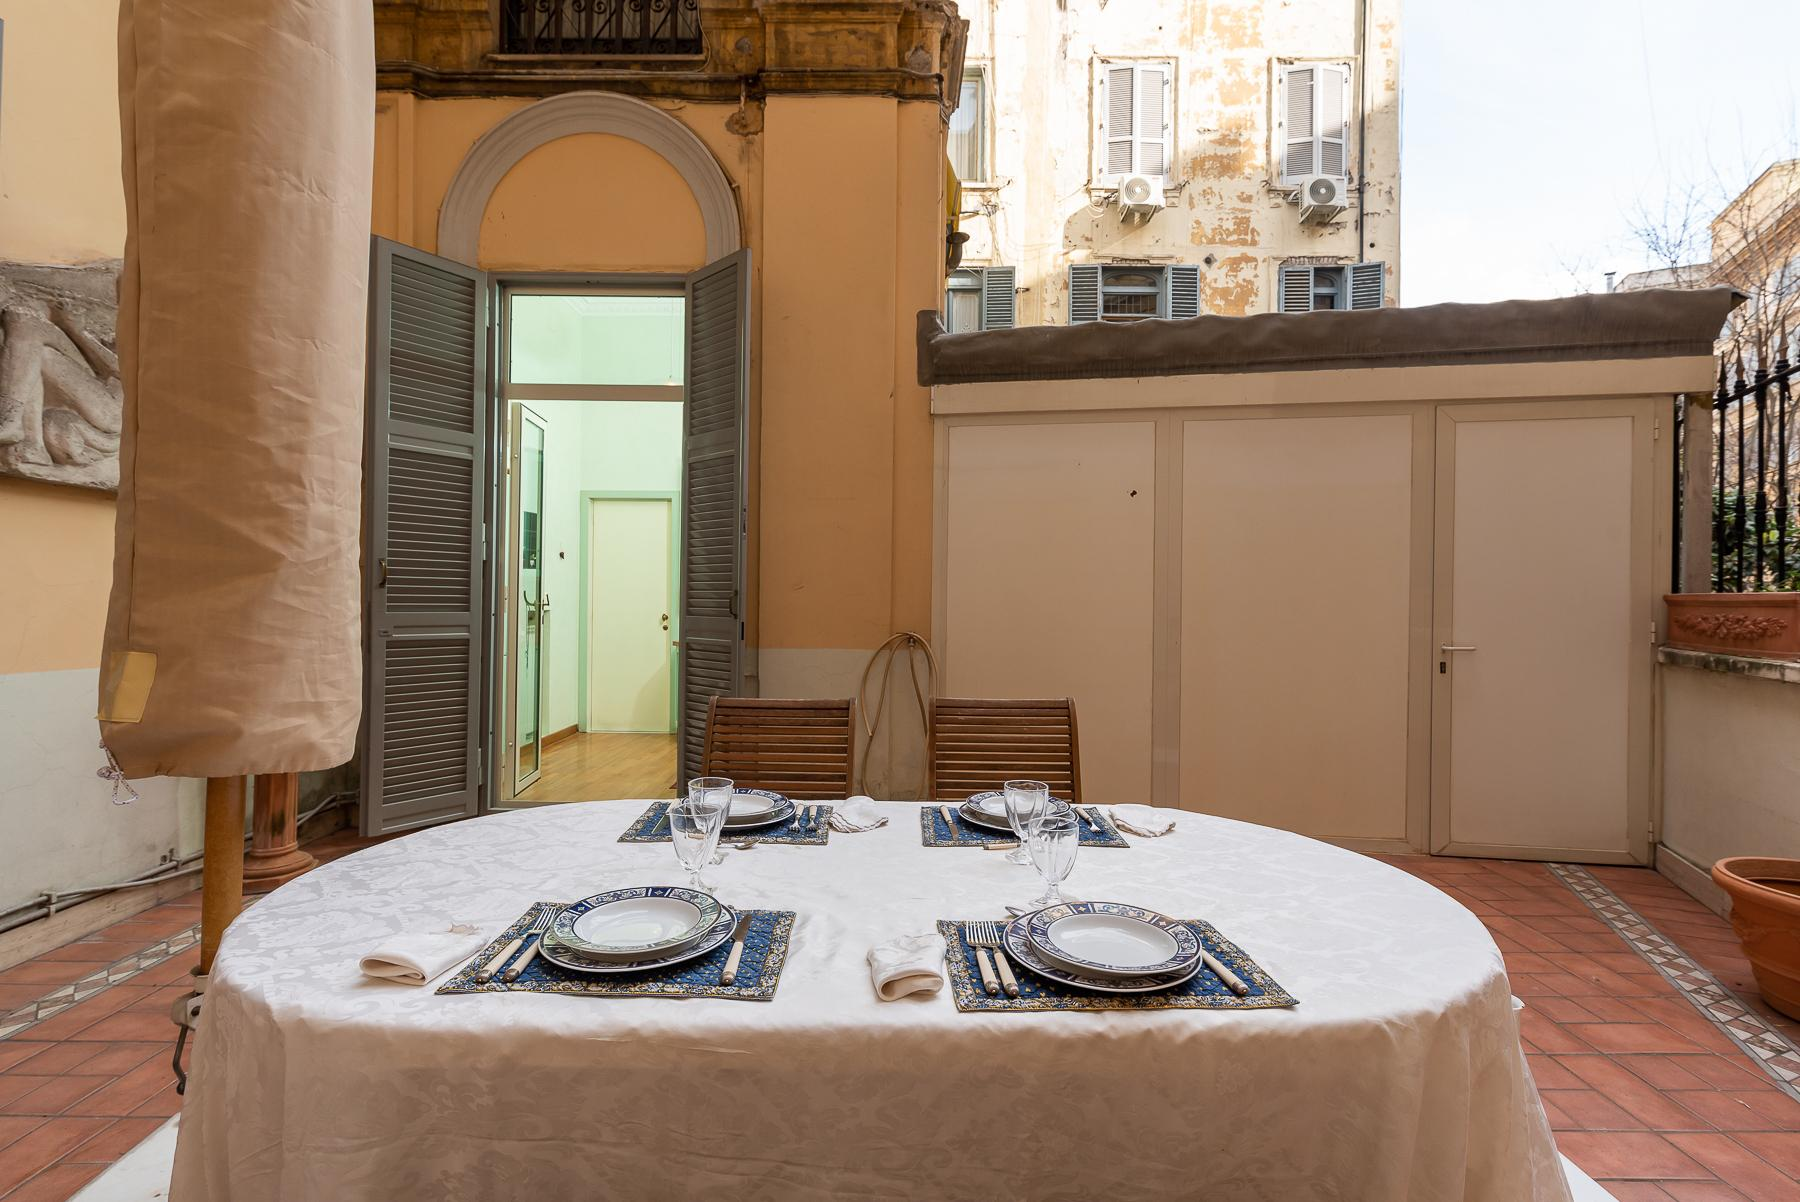 Роскошная квартира с большой террасой  в элегантном здании начала 900 года - 35